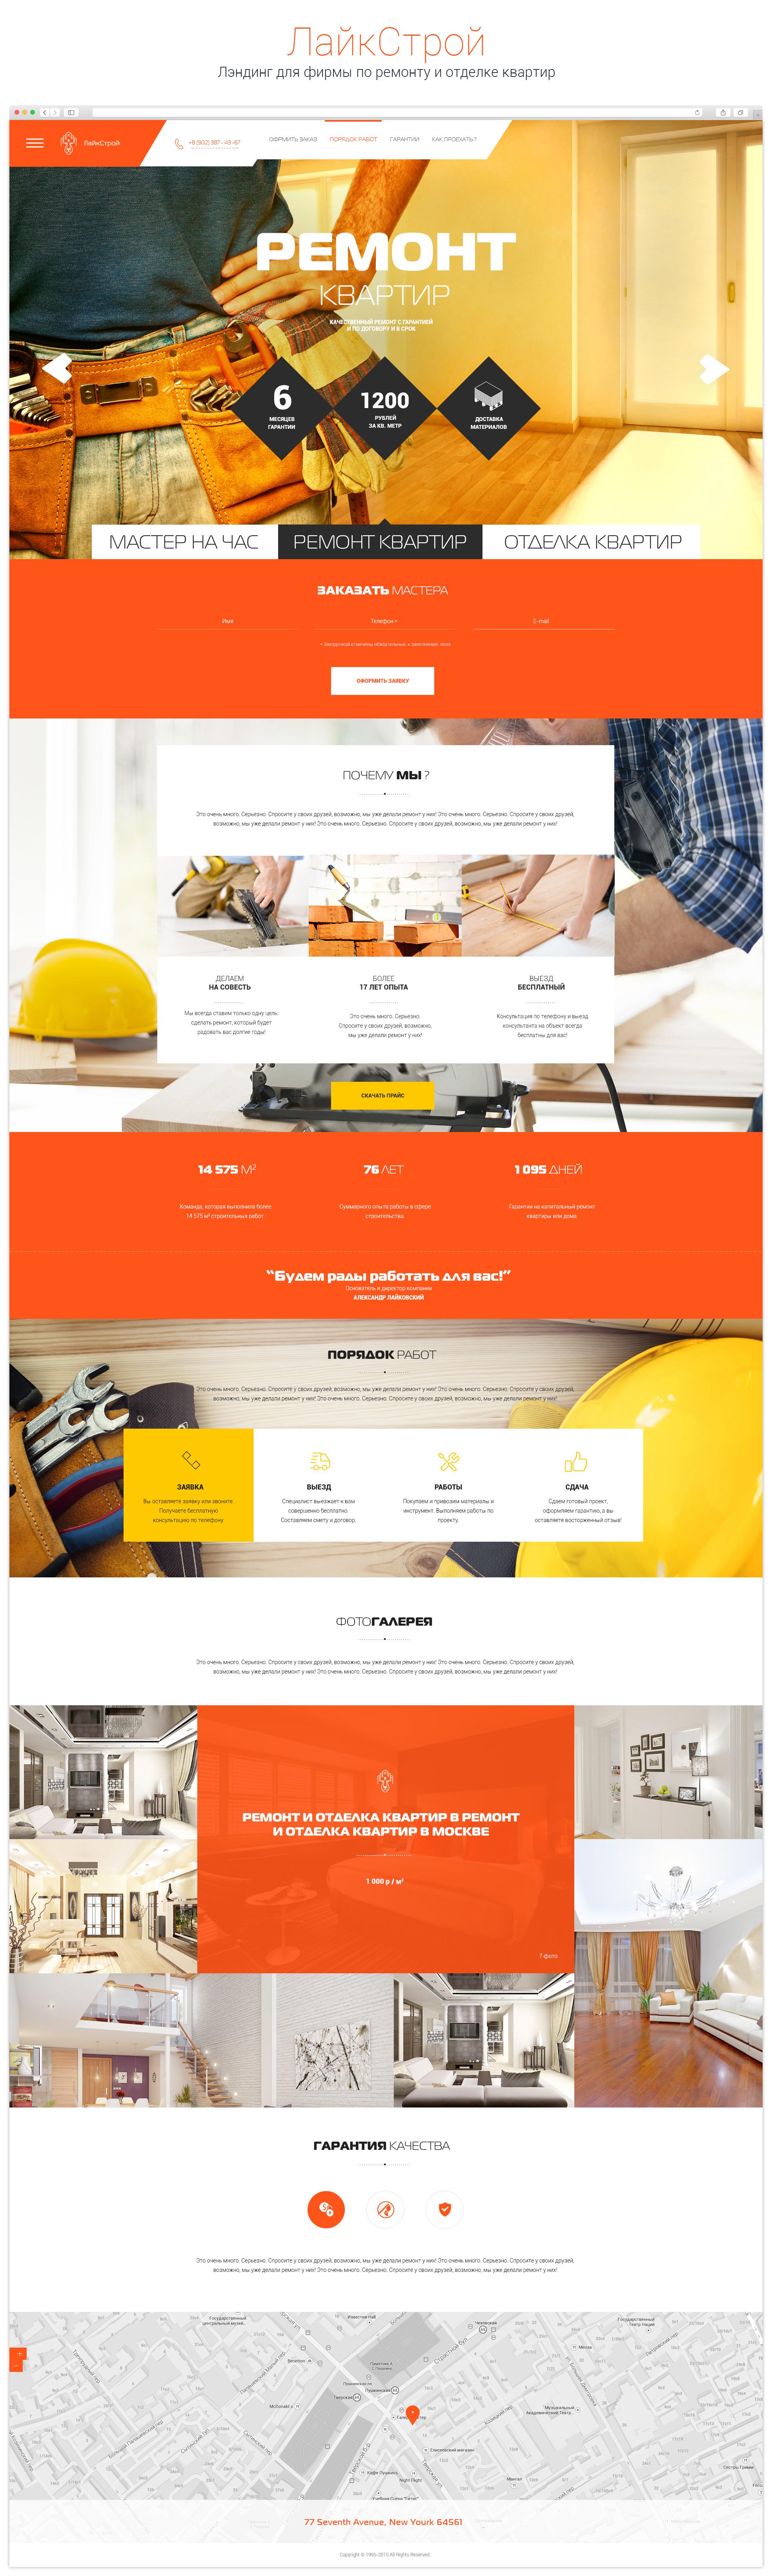 Лэндинг для фирмы по ремонту и отделке квартир - ЛайкСтрой